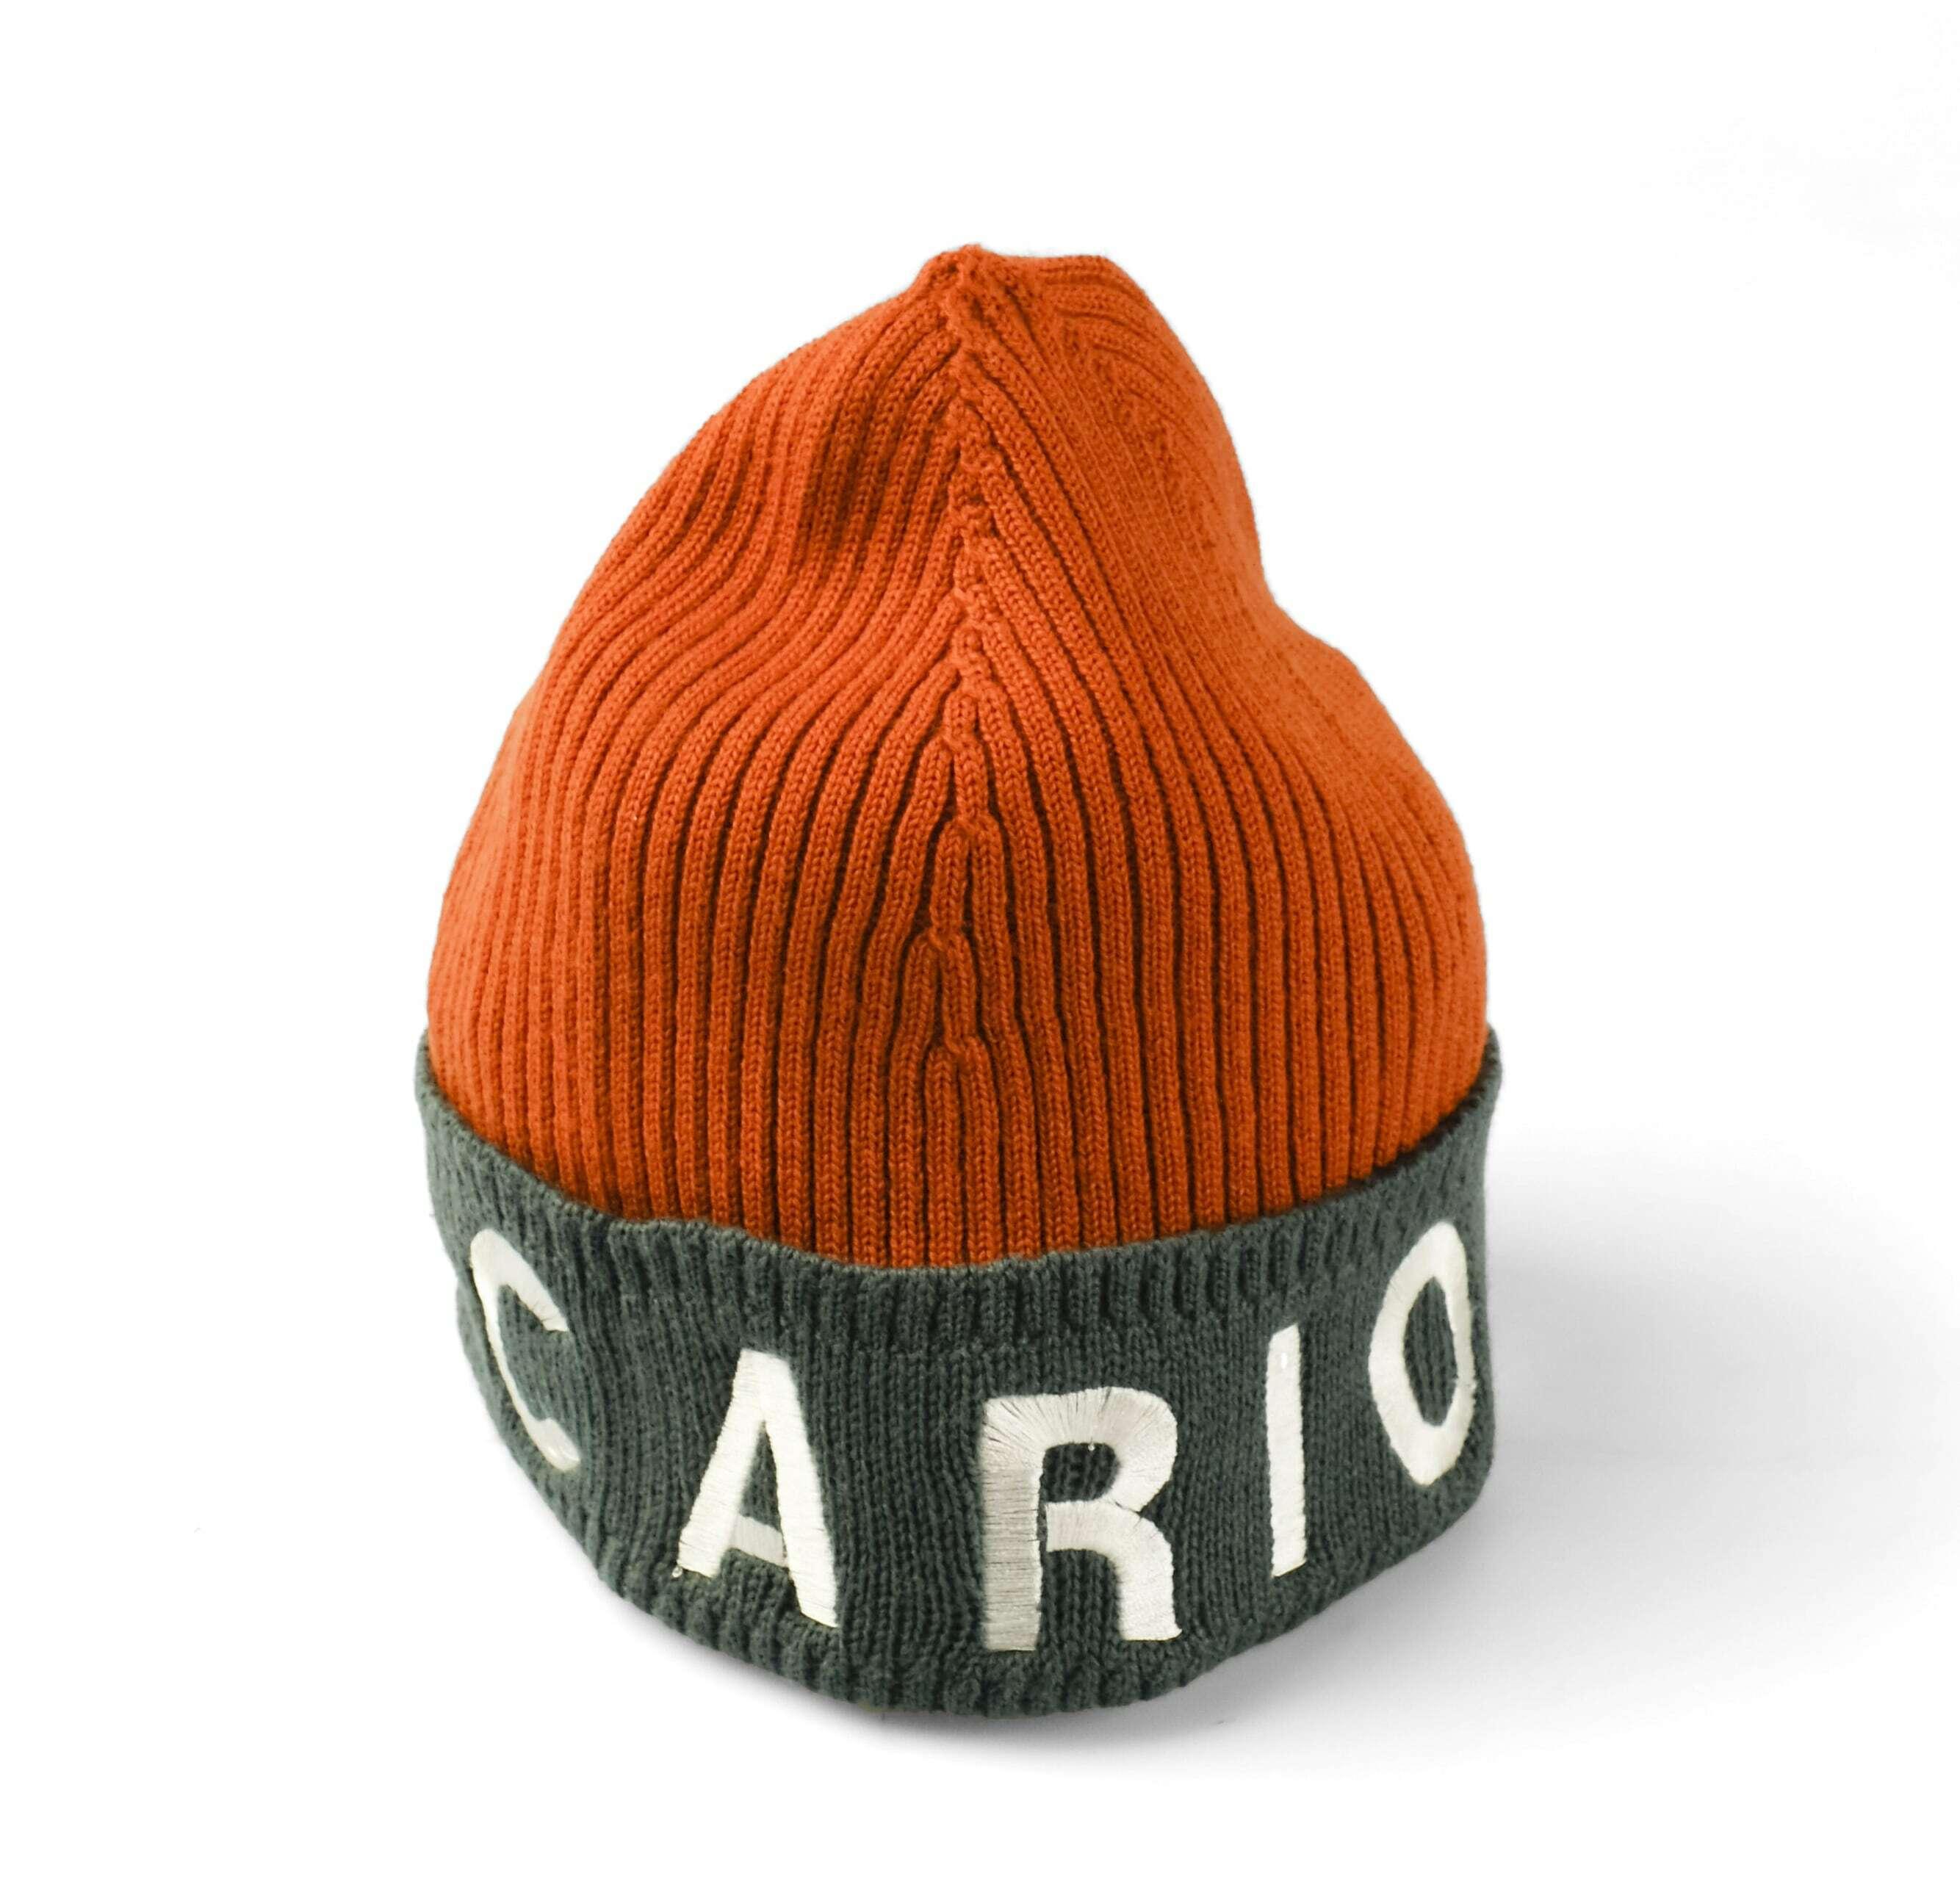 《WOLF & RITA 2019AW》MARIO hat / Carioca